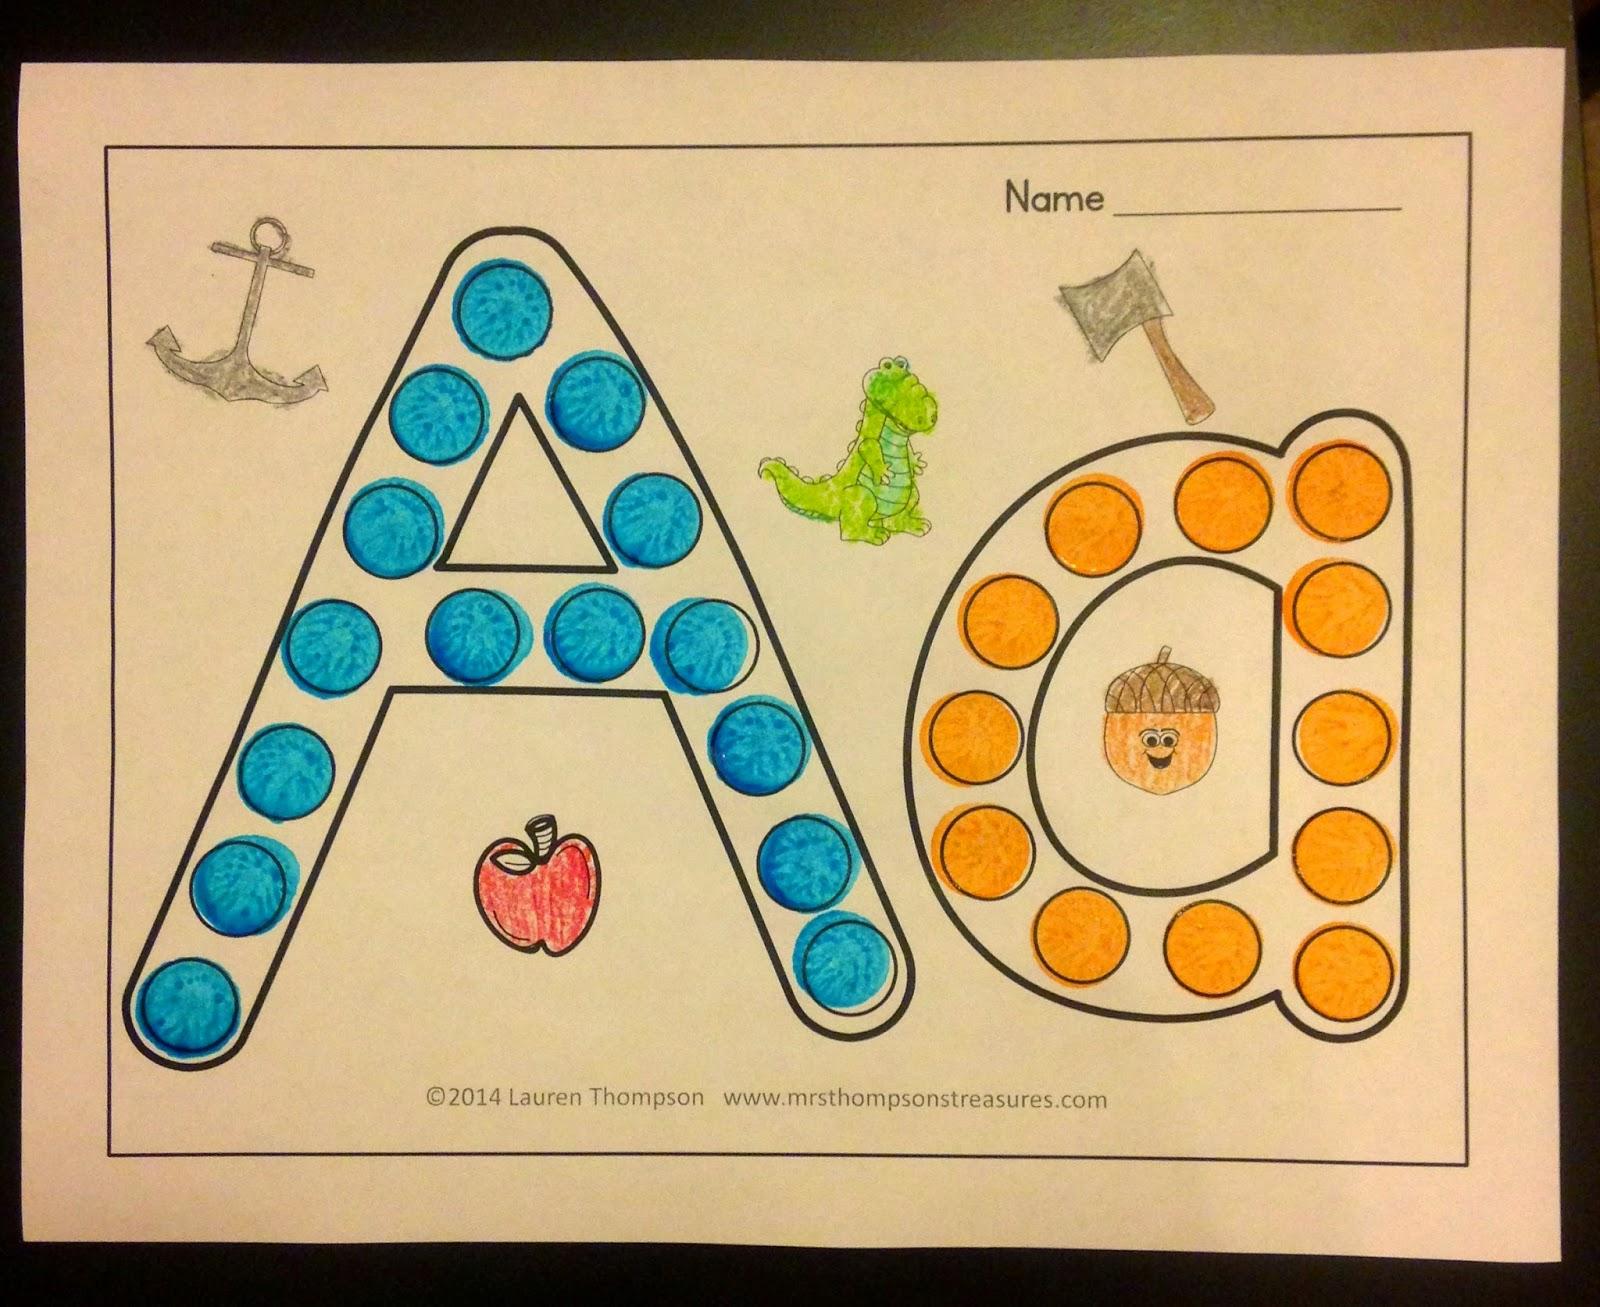 http://www.teacherspayteachers.com/Product/Dot-the-Alphabet-Letter-Sound-Recognition-1491885